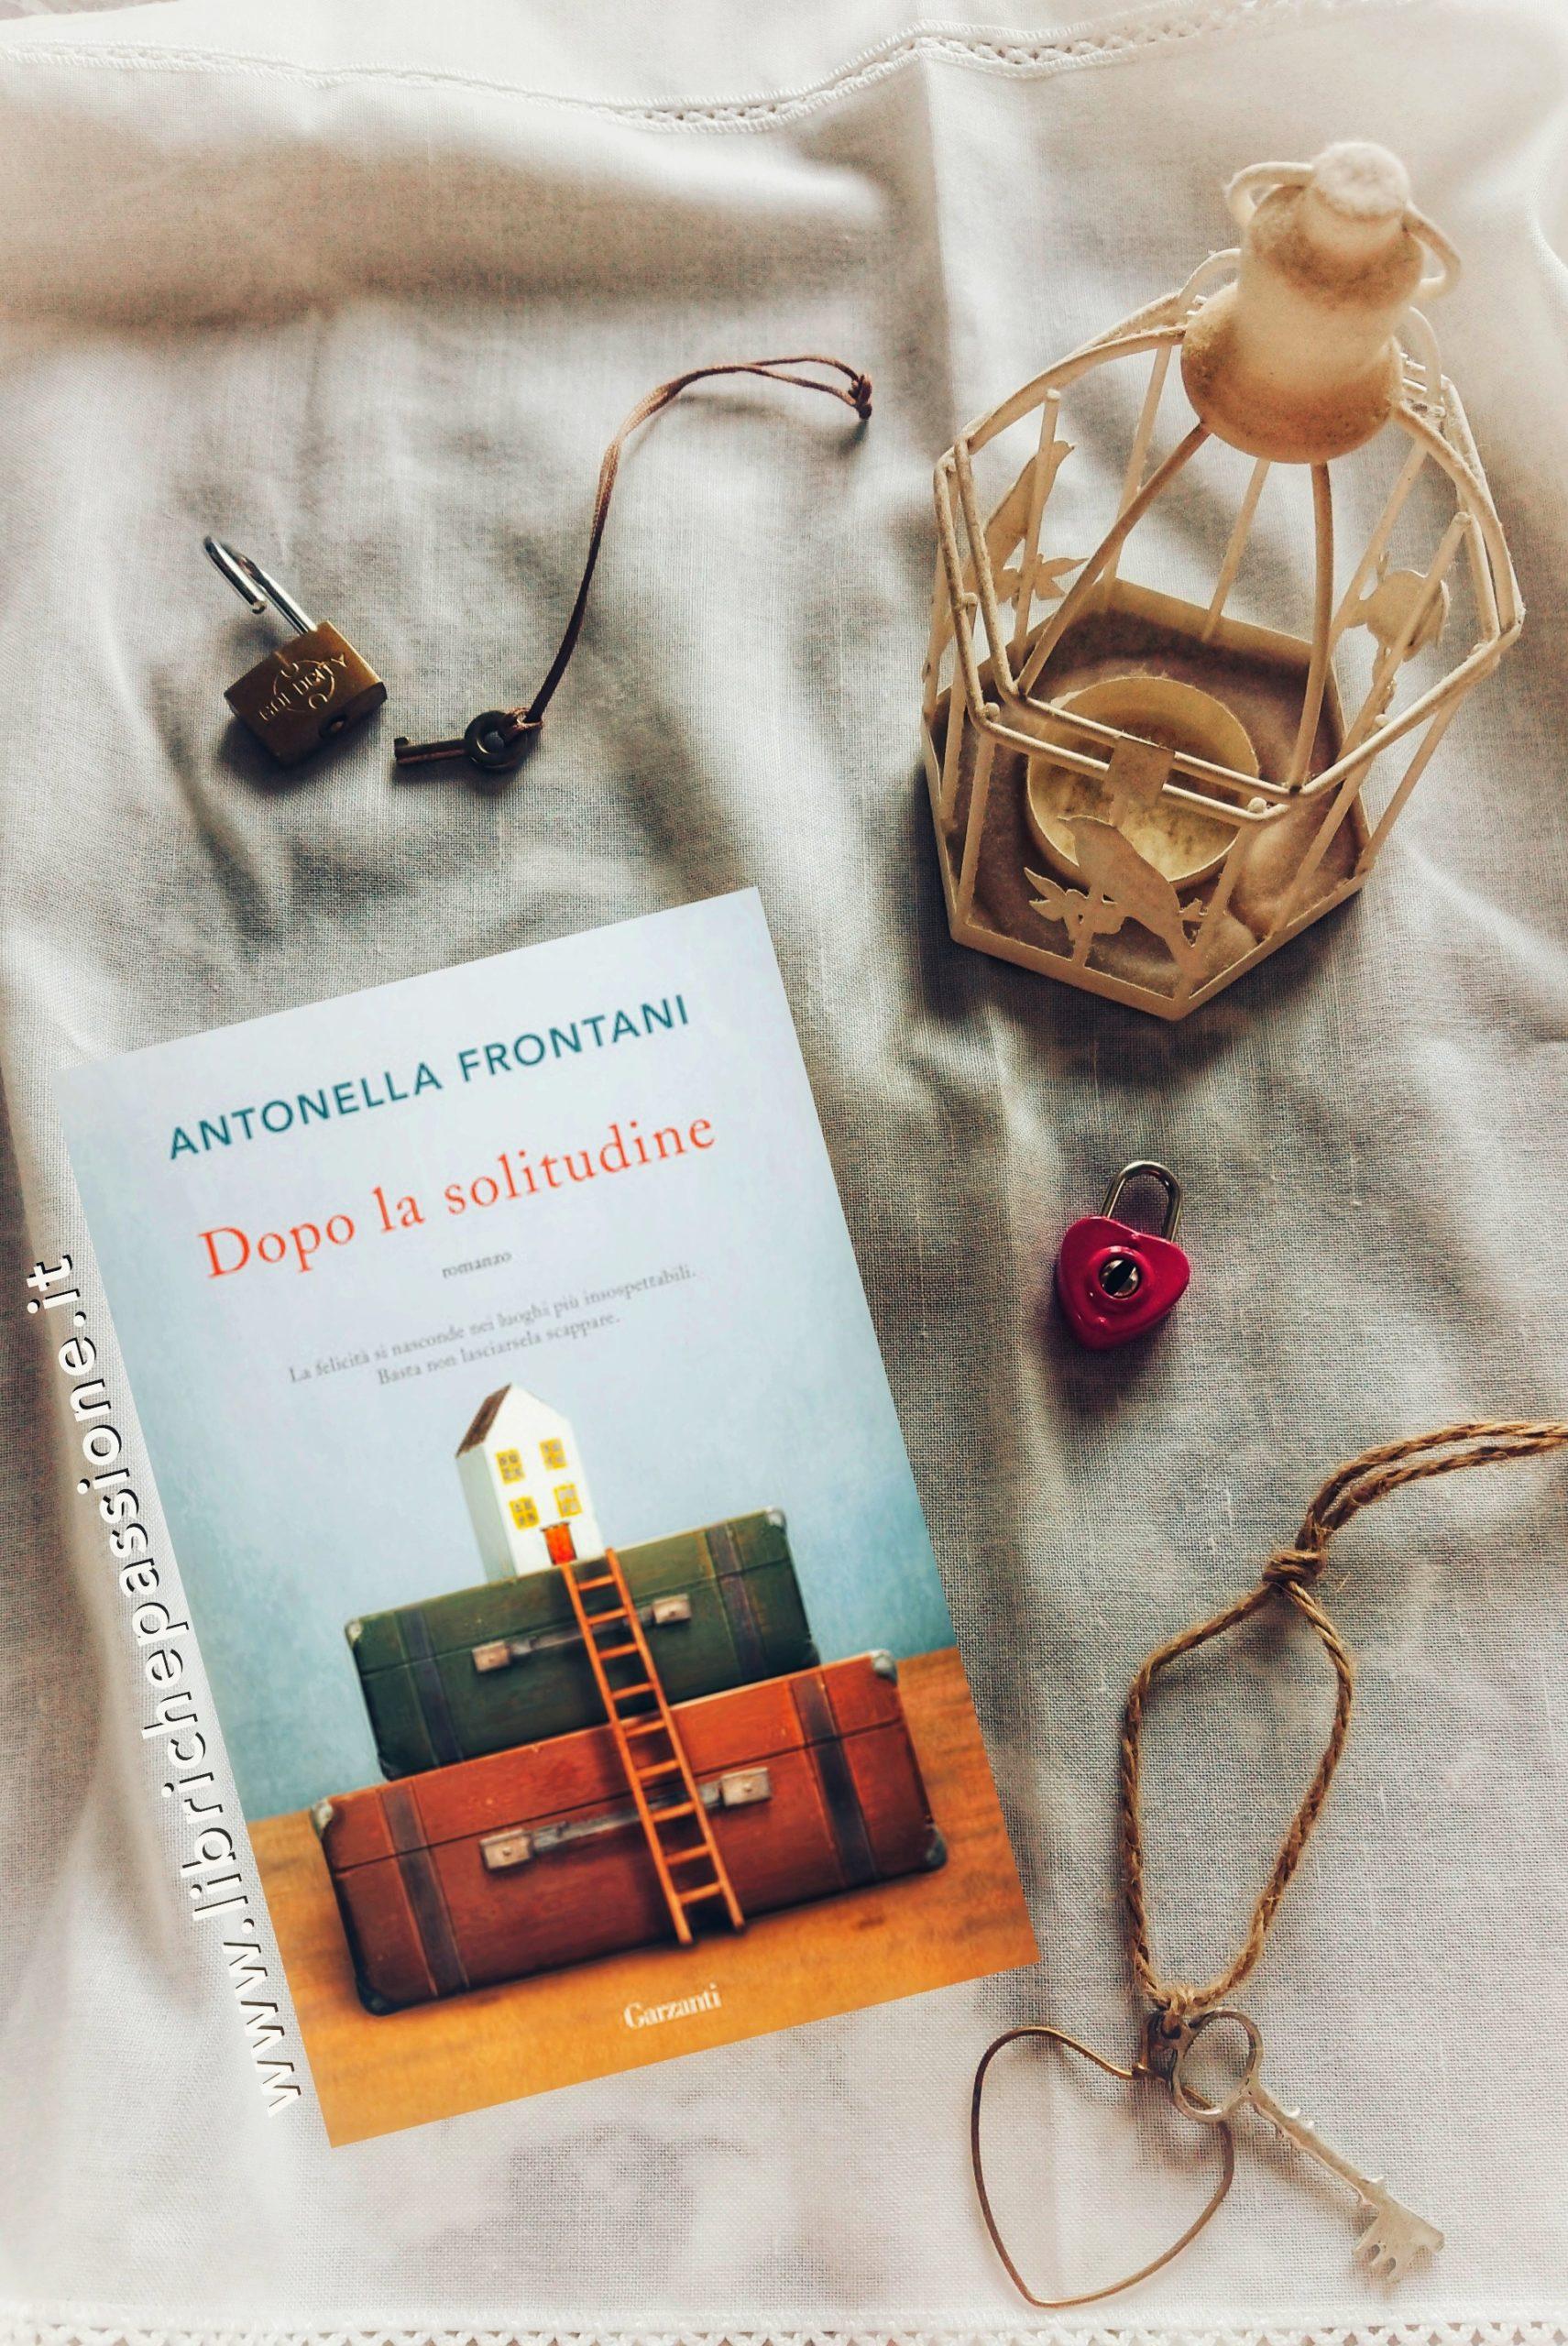 """Recensione del romanzo """"Dopo la solitudine"""" di Antonella Frontani edito da Garzanti"""